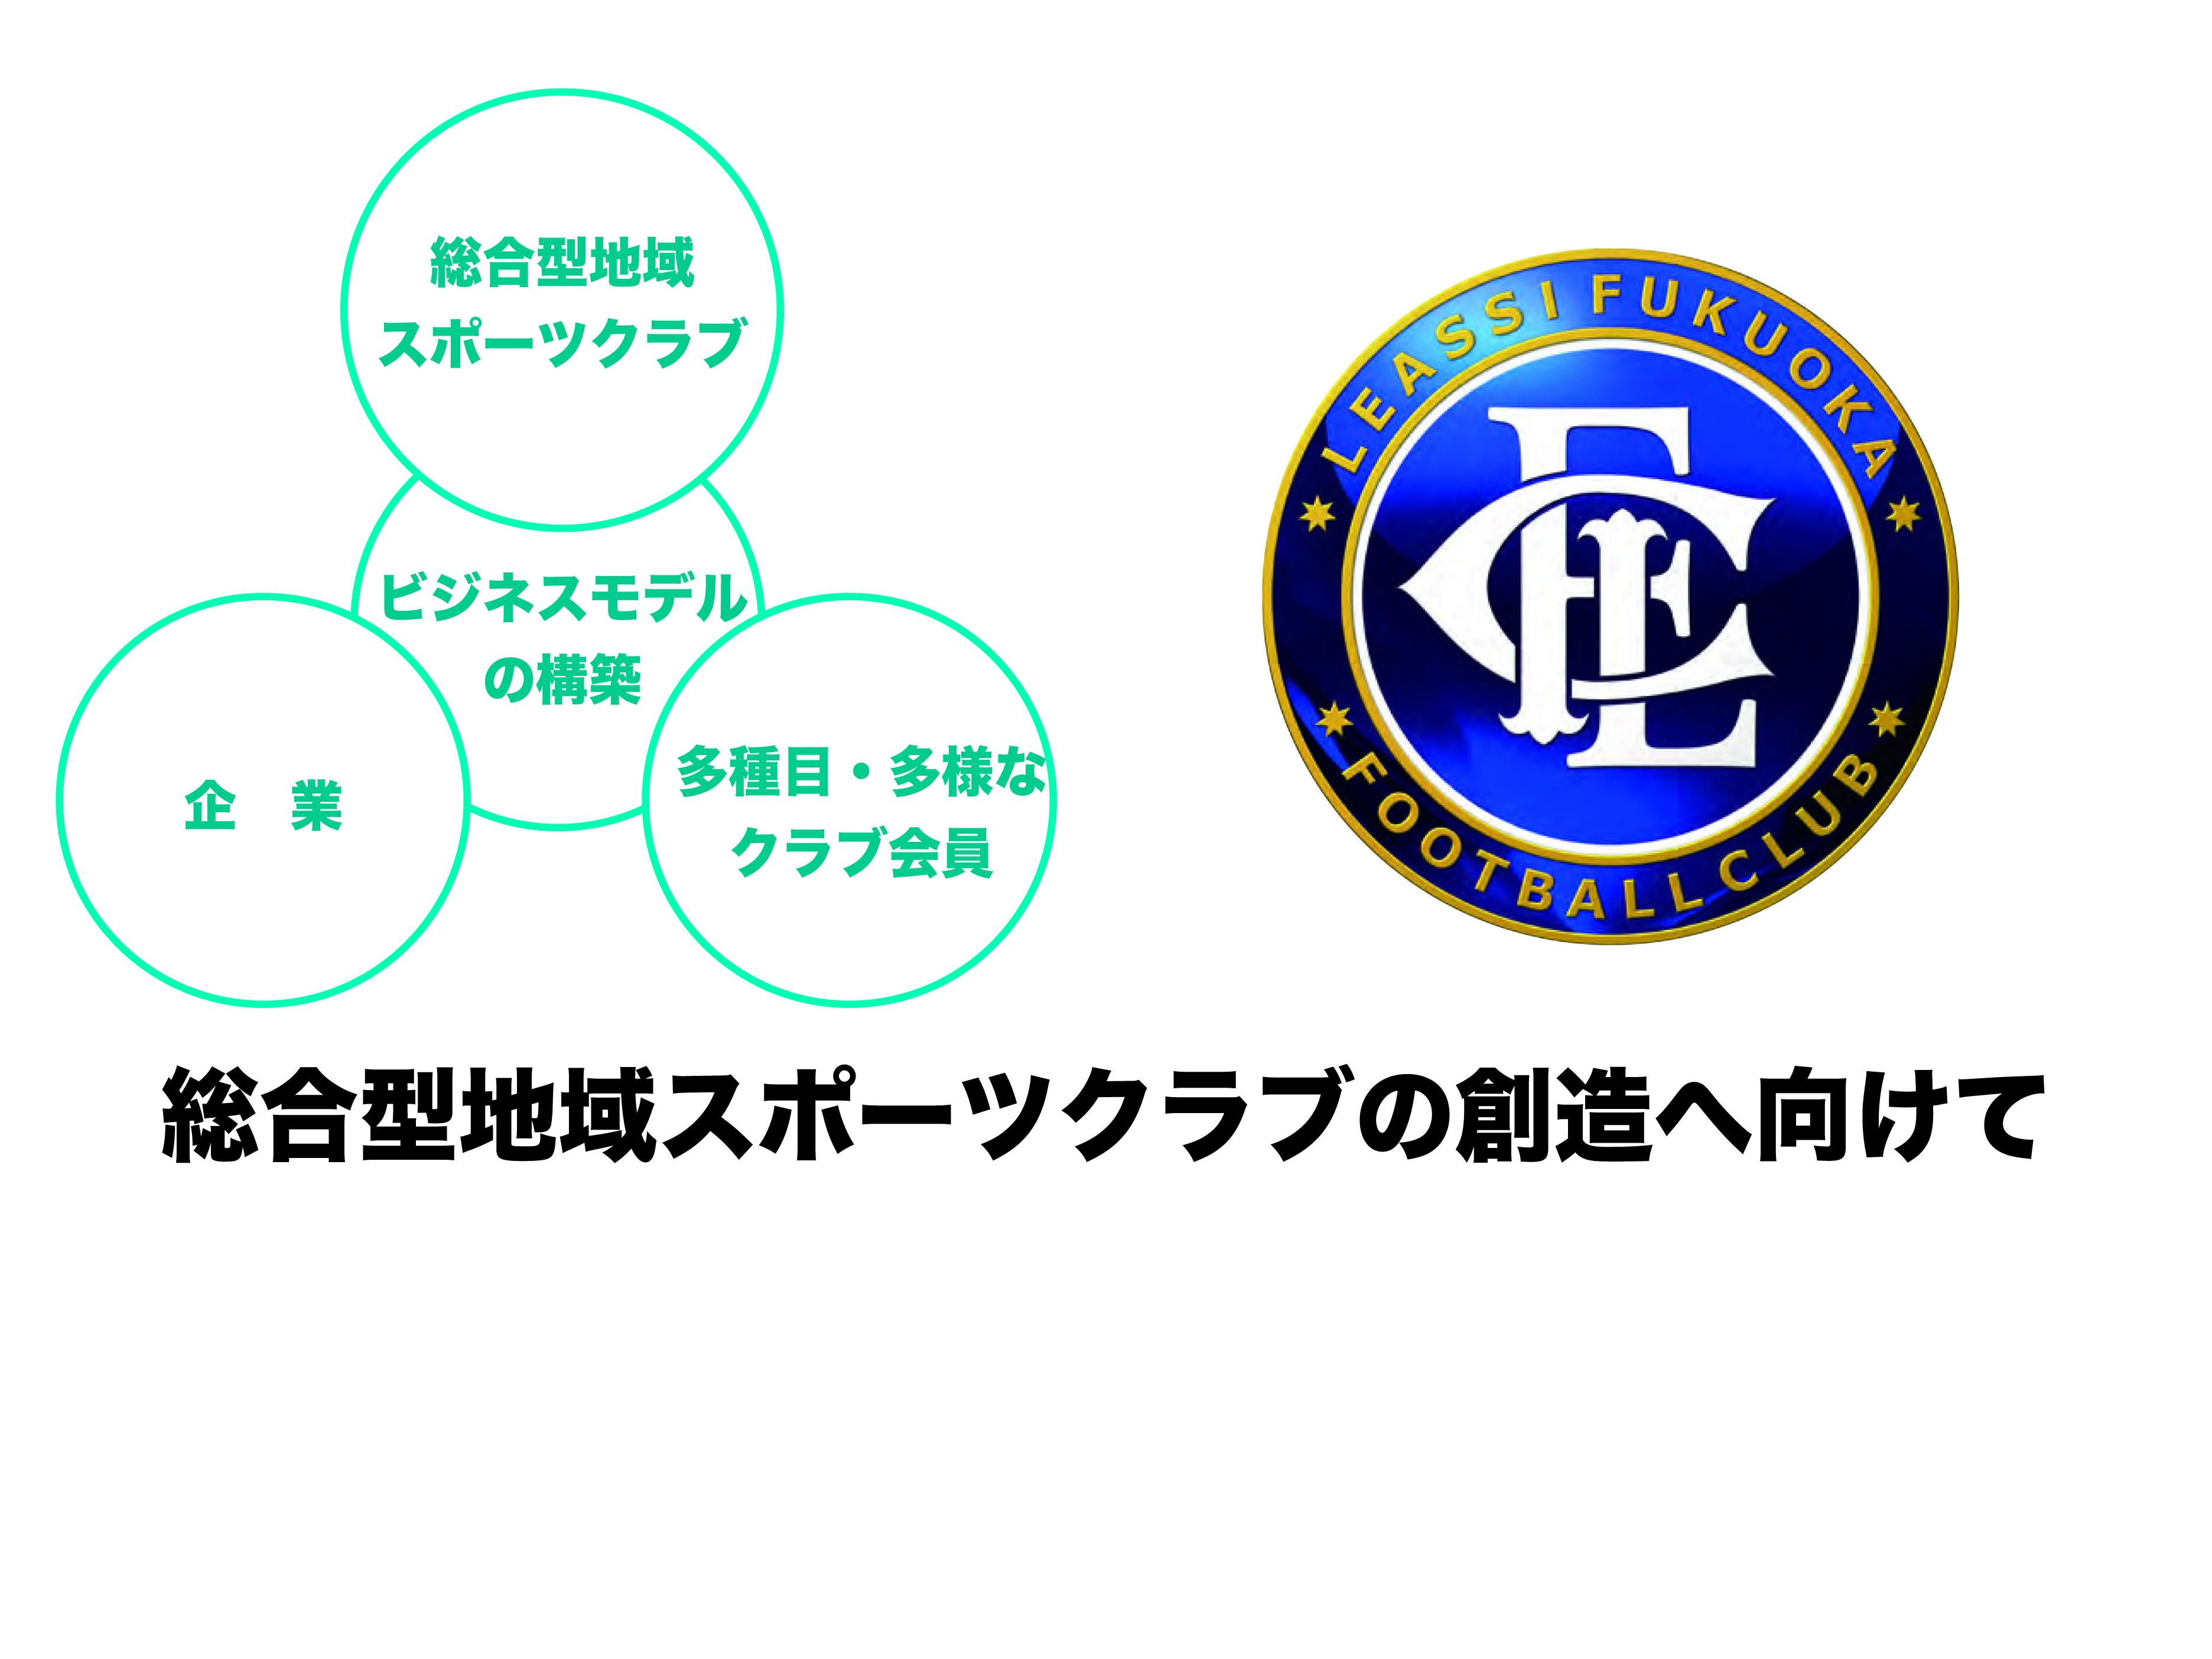 重大発表! 2019年度より総合型地域スポーツクラブを目指します!